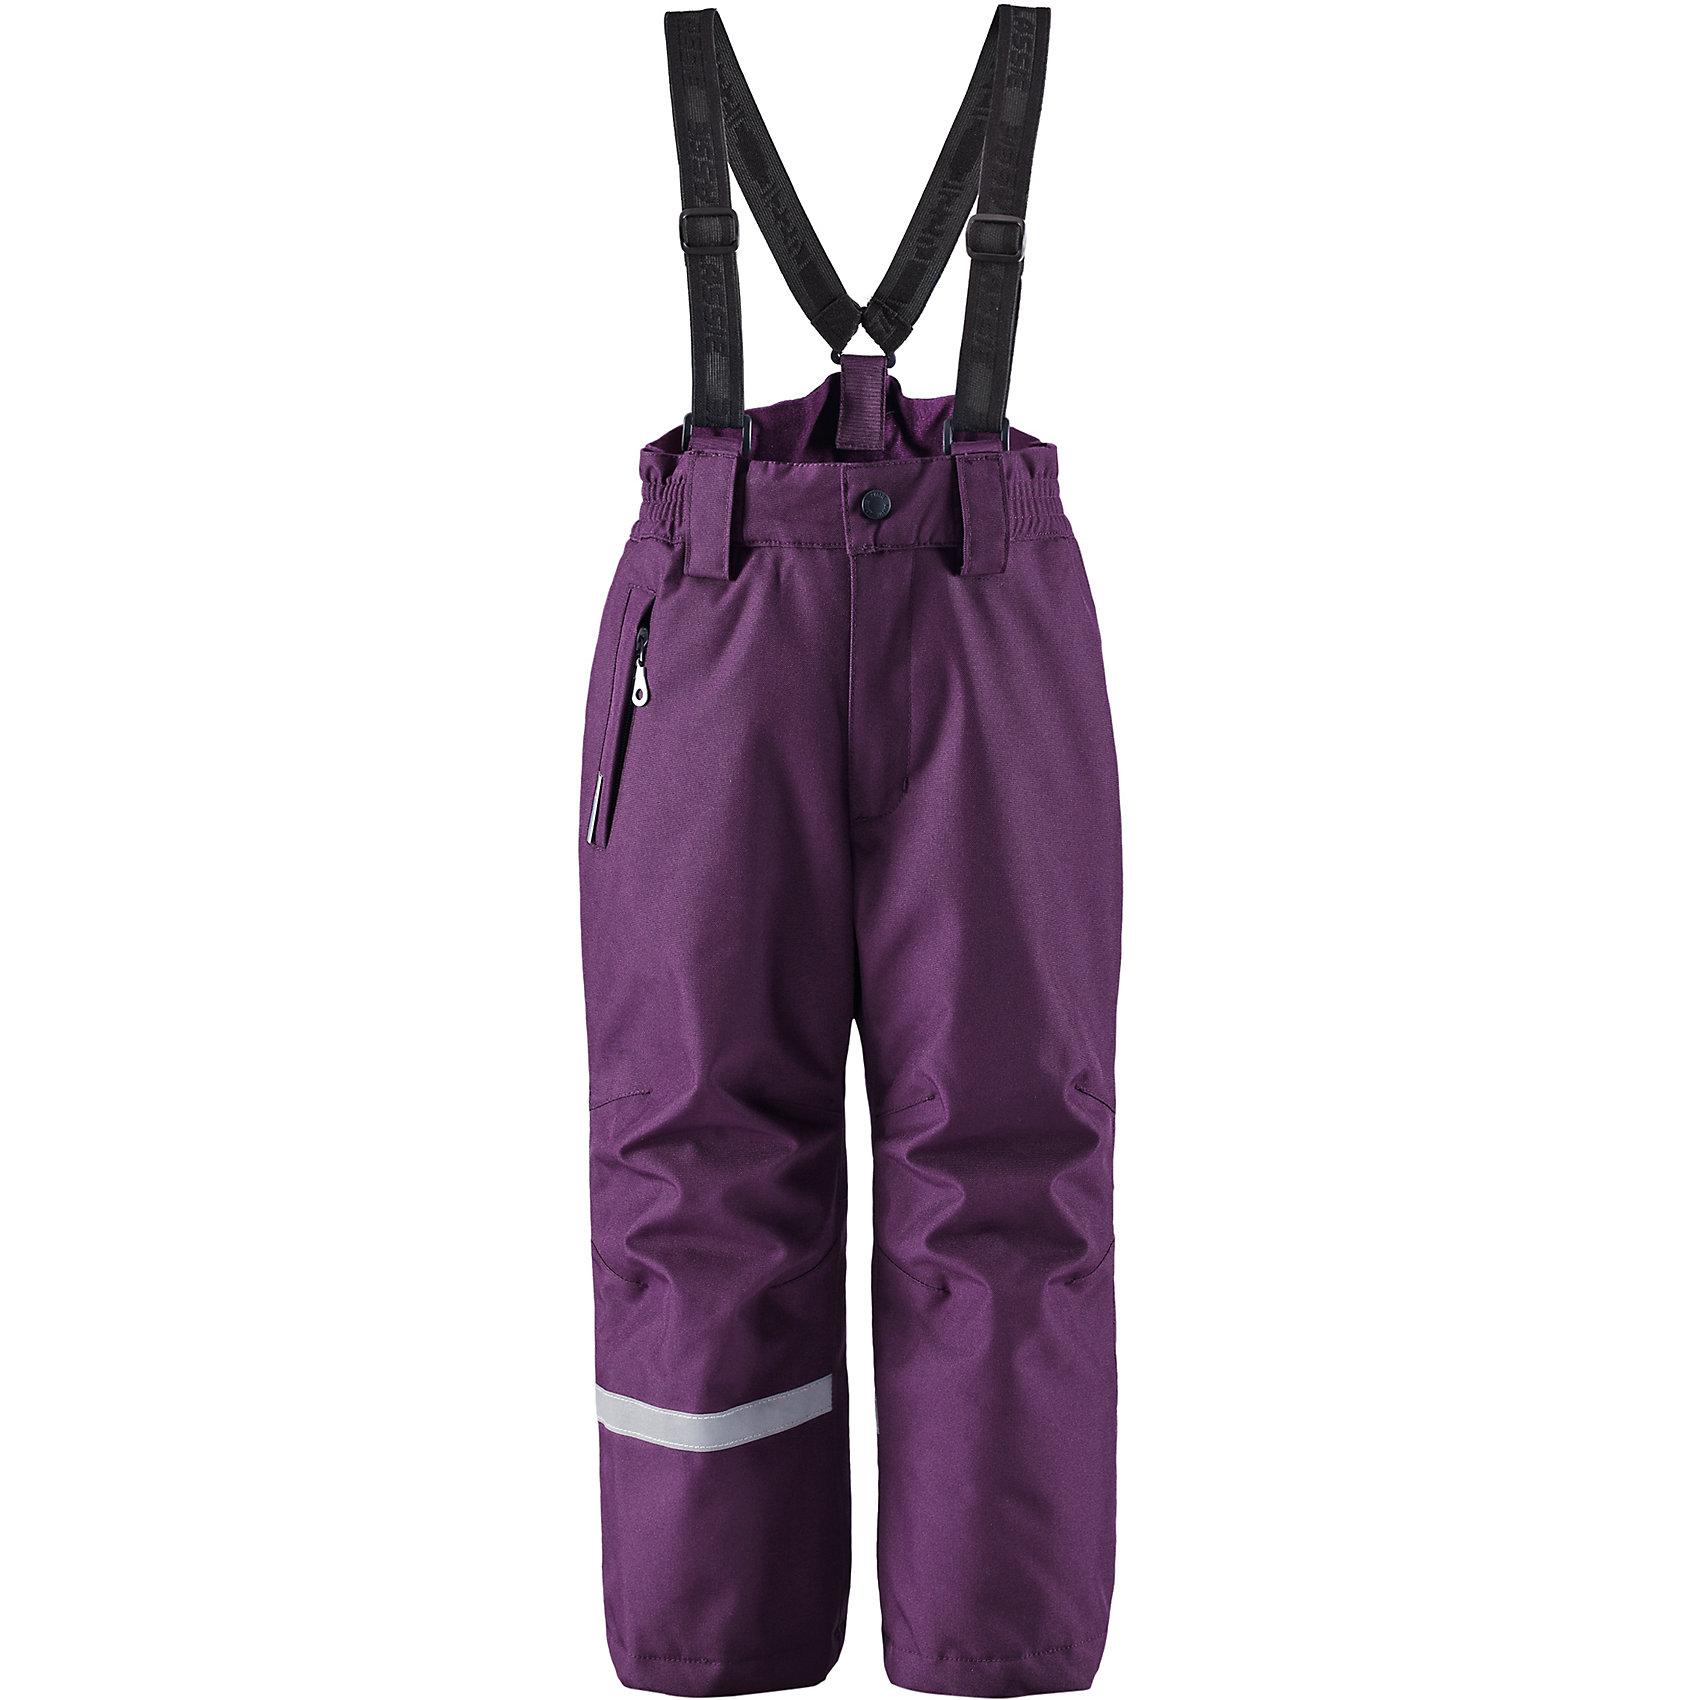 Брюки для девочки LASSIEОдежда<br>Зимние брюки для детей Lassietec®. <br><br>- Прочный материал. Водо- и ветронепроницаемый, «дышащий» и грязеотталкивающий материал. <br>- Внешние швы проклеены. <br>- Гладкая подкладка из полиэстра. <br>- Средняя степень утепления.<br>-  Эластичная талия. <br>- Снегозащитные манжеты на штанинах. <br>- Ширинка на молнии. <br>- Карман на молнии. <br>- Регулируемые и отстегивающиеся эластичные подтяжки. <br><br>Рекомендации по уходу: Стирать по отдельности, вывернув наизнанку. Застегнуть молнии и липучки. Соблюдать температуру в соответствии с руководством по уходу. Стирать моющим средством, не содержащим отбеливающие вещества. Полоскать без специального средства. Сушение в сушильном шкафу разрешено при  низкой температуре.<br><br>Состав: 100% Полиамид, полиуретановое покрытие.  Утеплитель «Lassie wadding» 100гр.<br><br>Ширина мм: 215<br>Глубина мм: 88<br>Высота мм: 191<br>Вес г: 336<br>Цвет: лиловый<br>Возраст от месяцев: 18<br>Возраст до месяцев: 24<br>Пол: Женский<br>Возраст: Детский<br>Размер: 98,140,134,128,122,116,110,104,92<br>SKU: 4781846